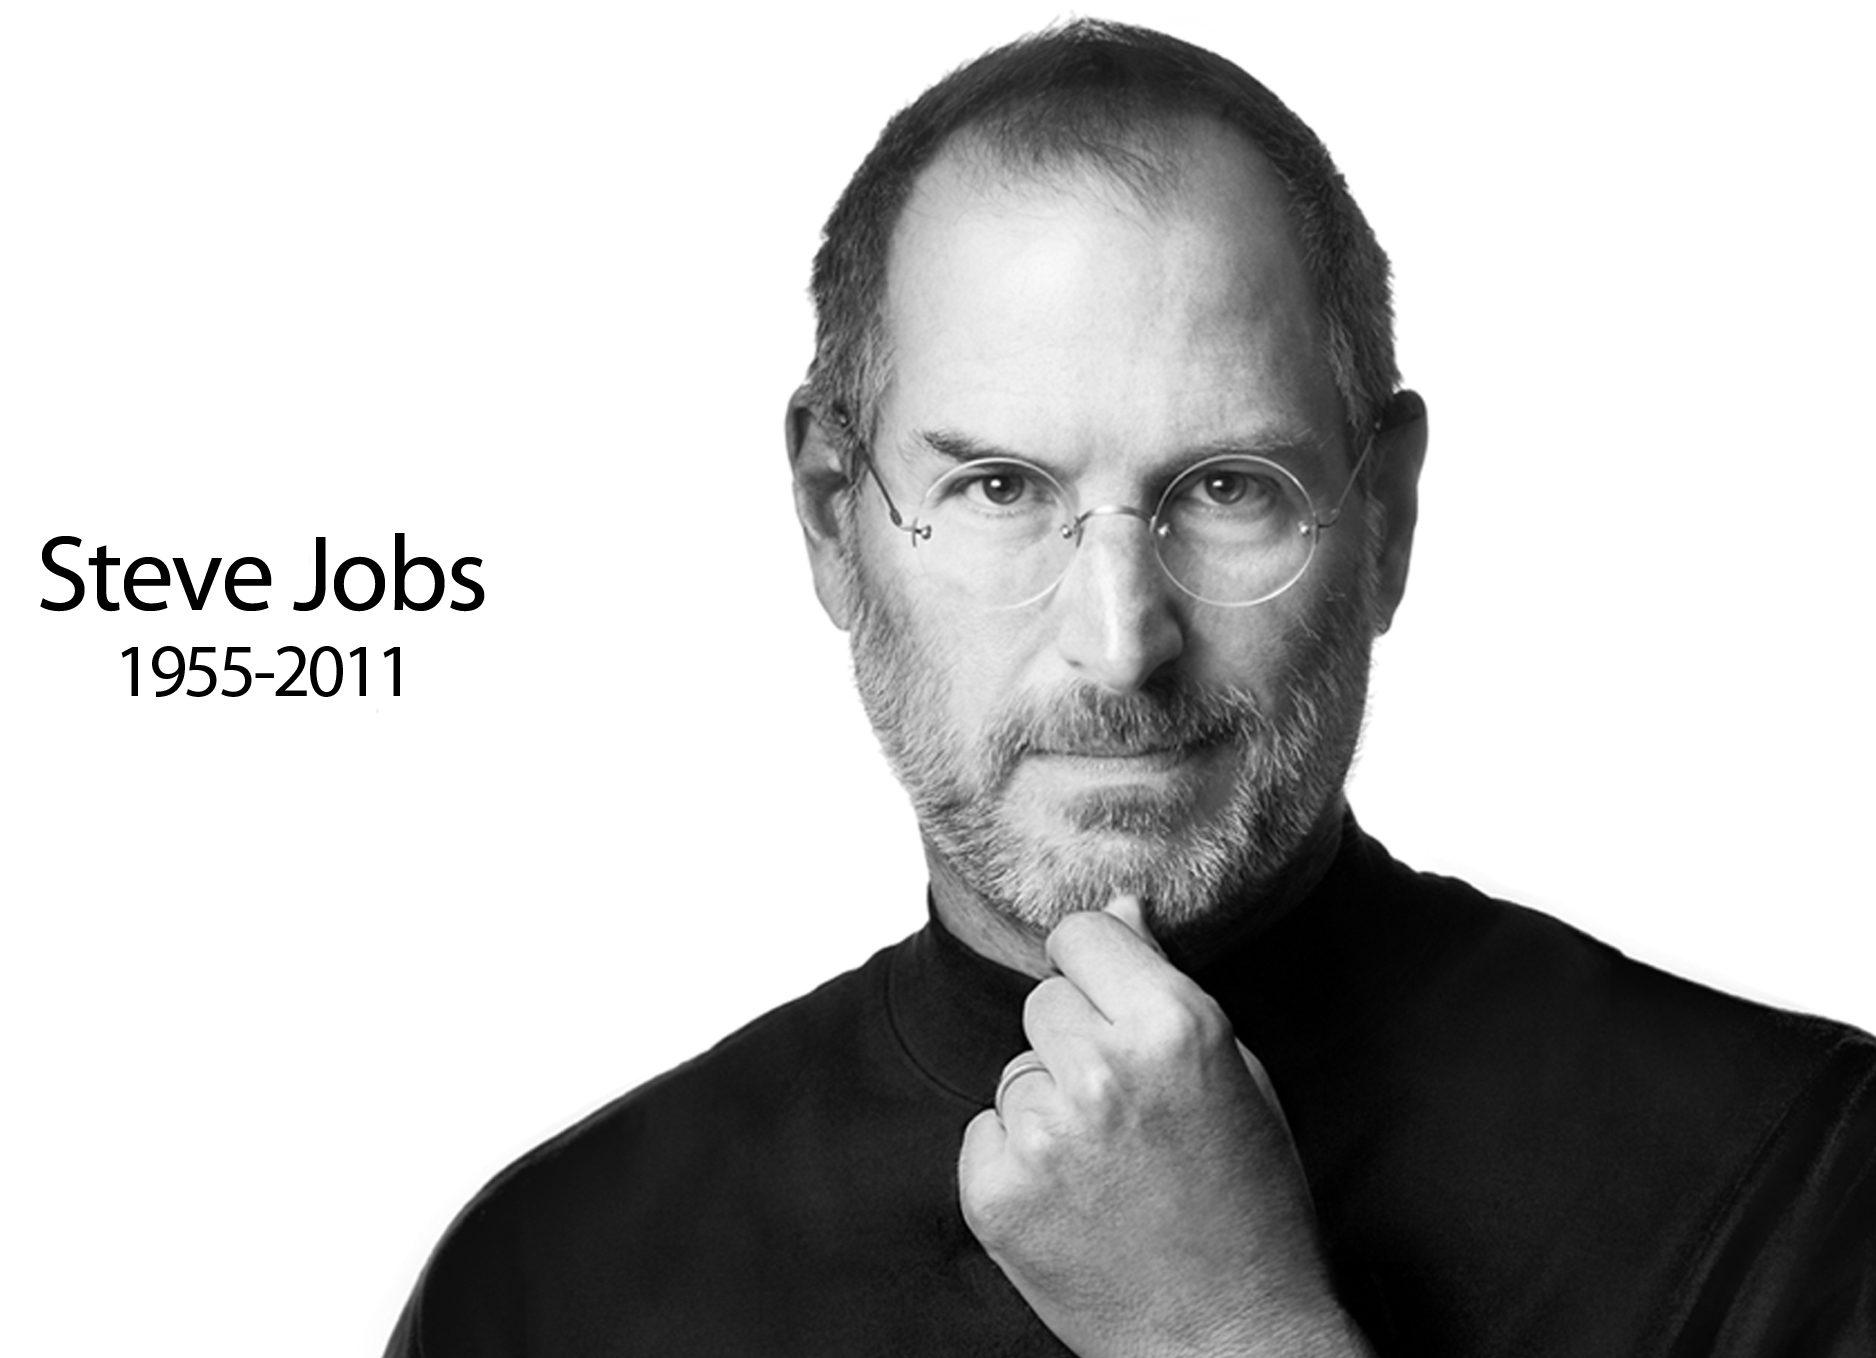 Годовщина смерти Стива Джобса